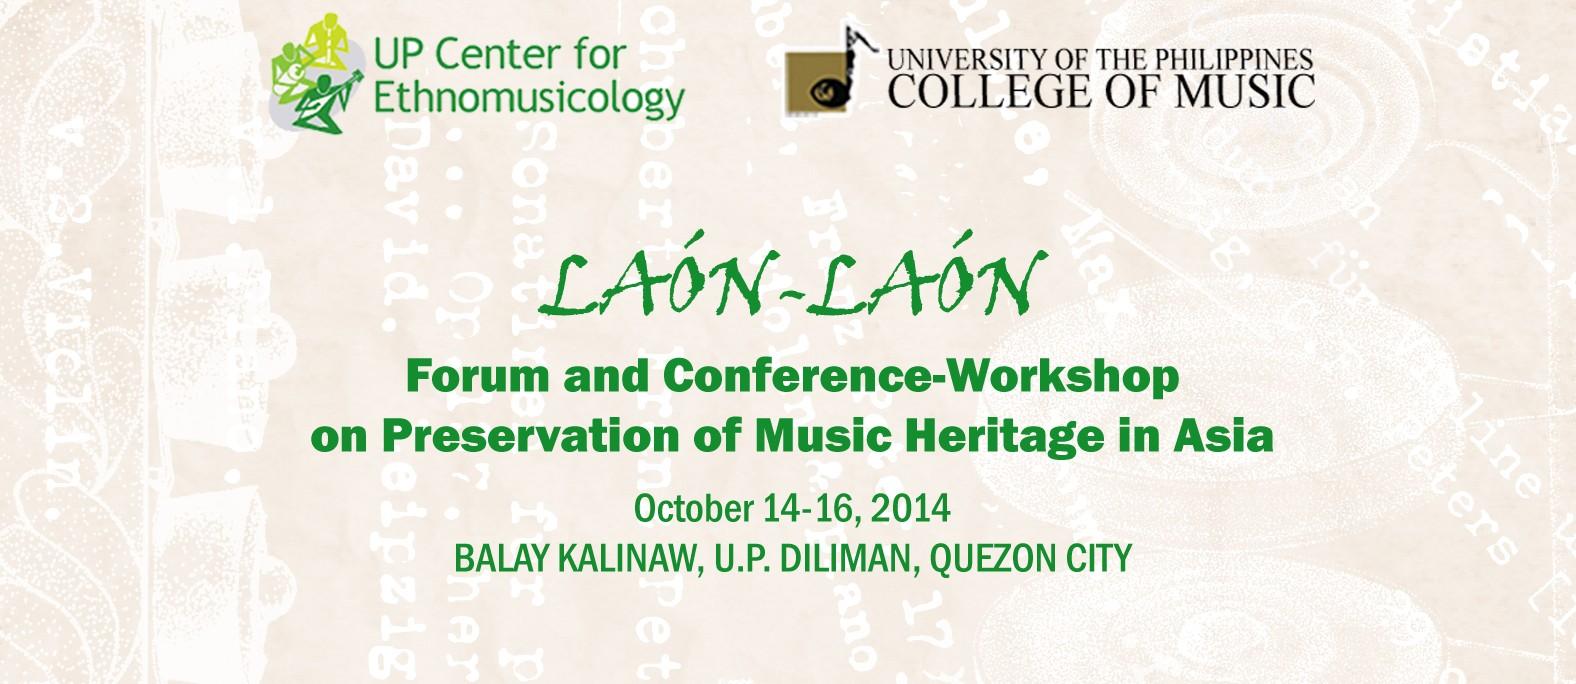 Laón-Laón 2014: Forum and Conference-Workshop on